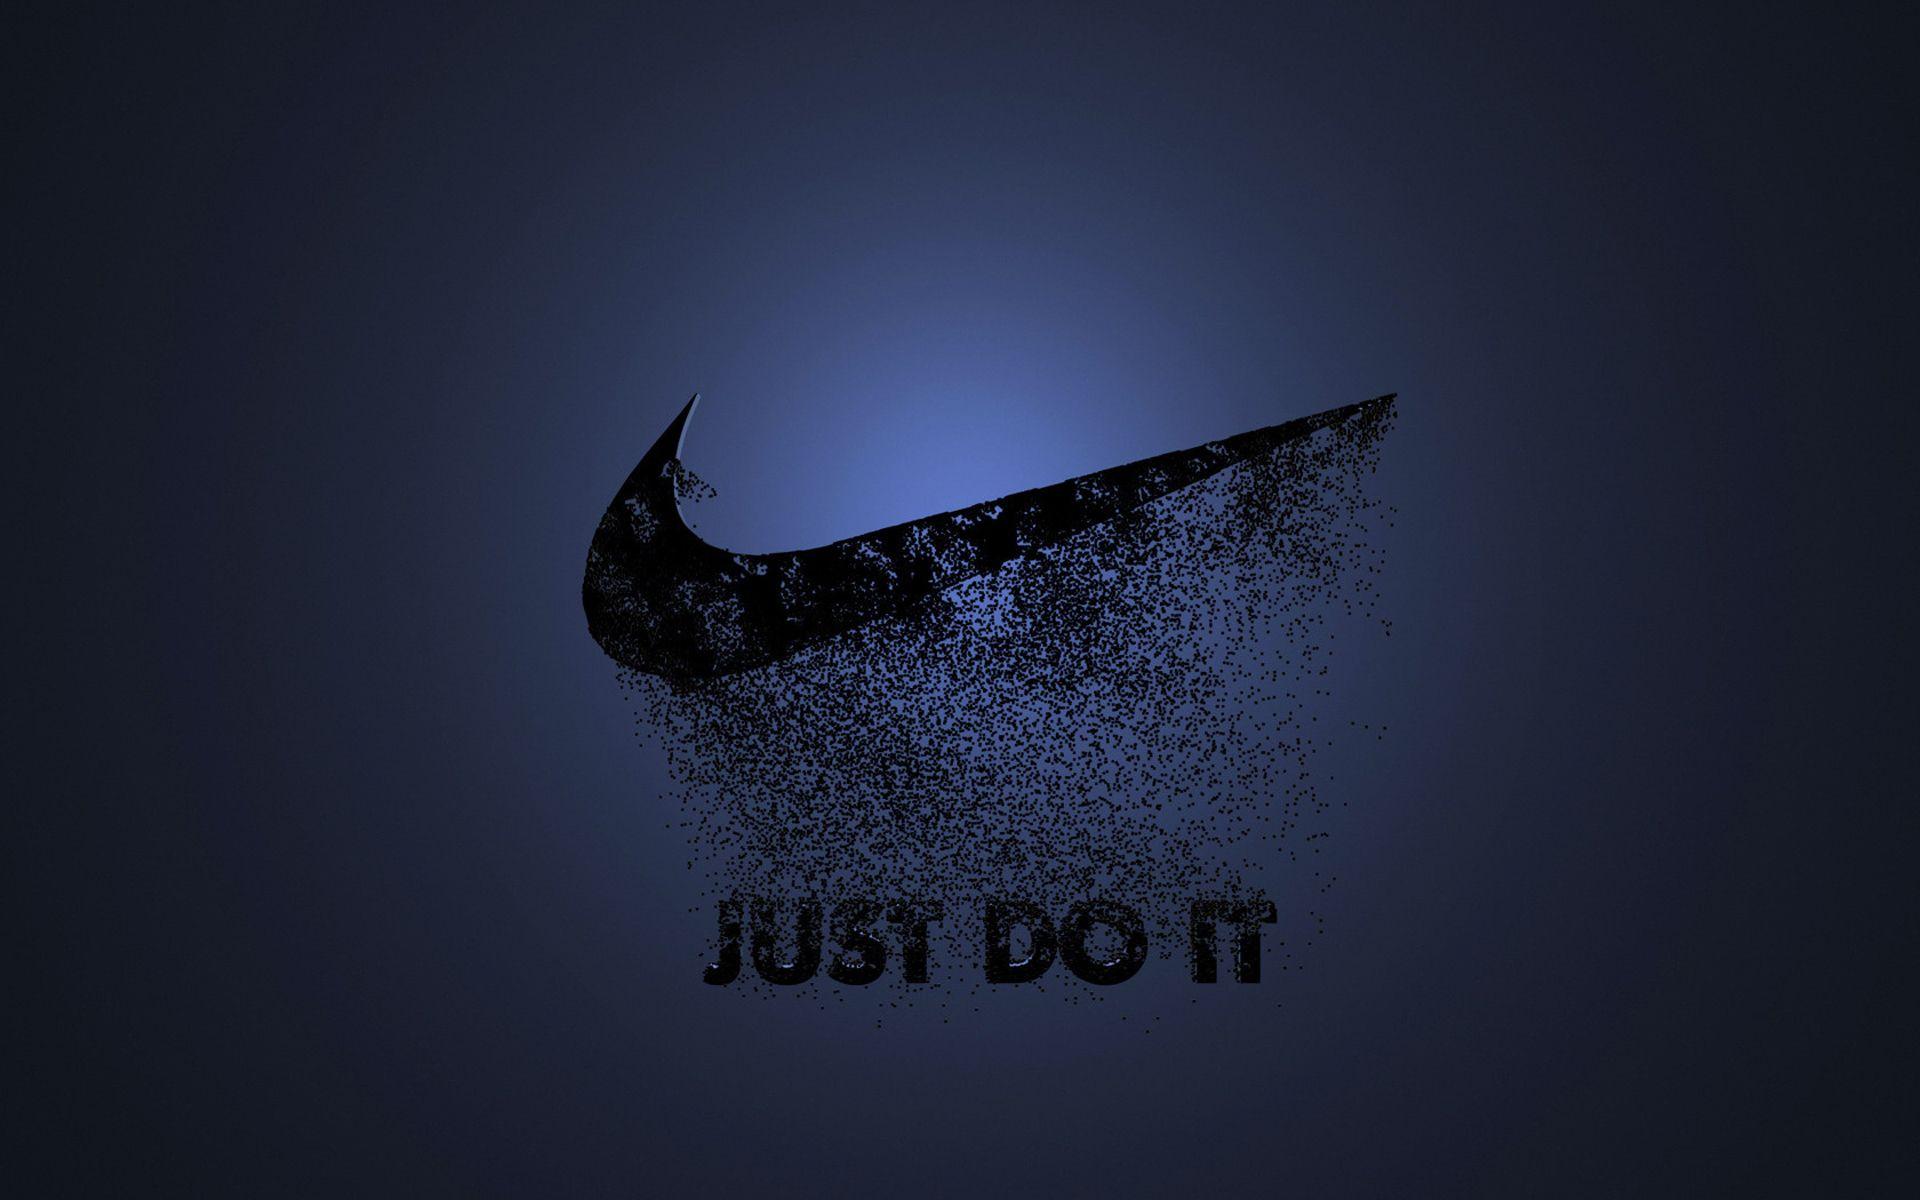 Nike Cool Logo wallpaper 1920x1200 69444 1920x1200